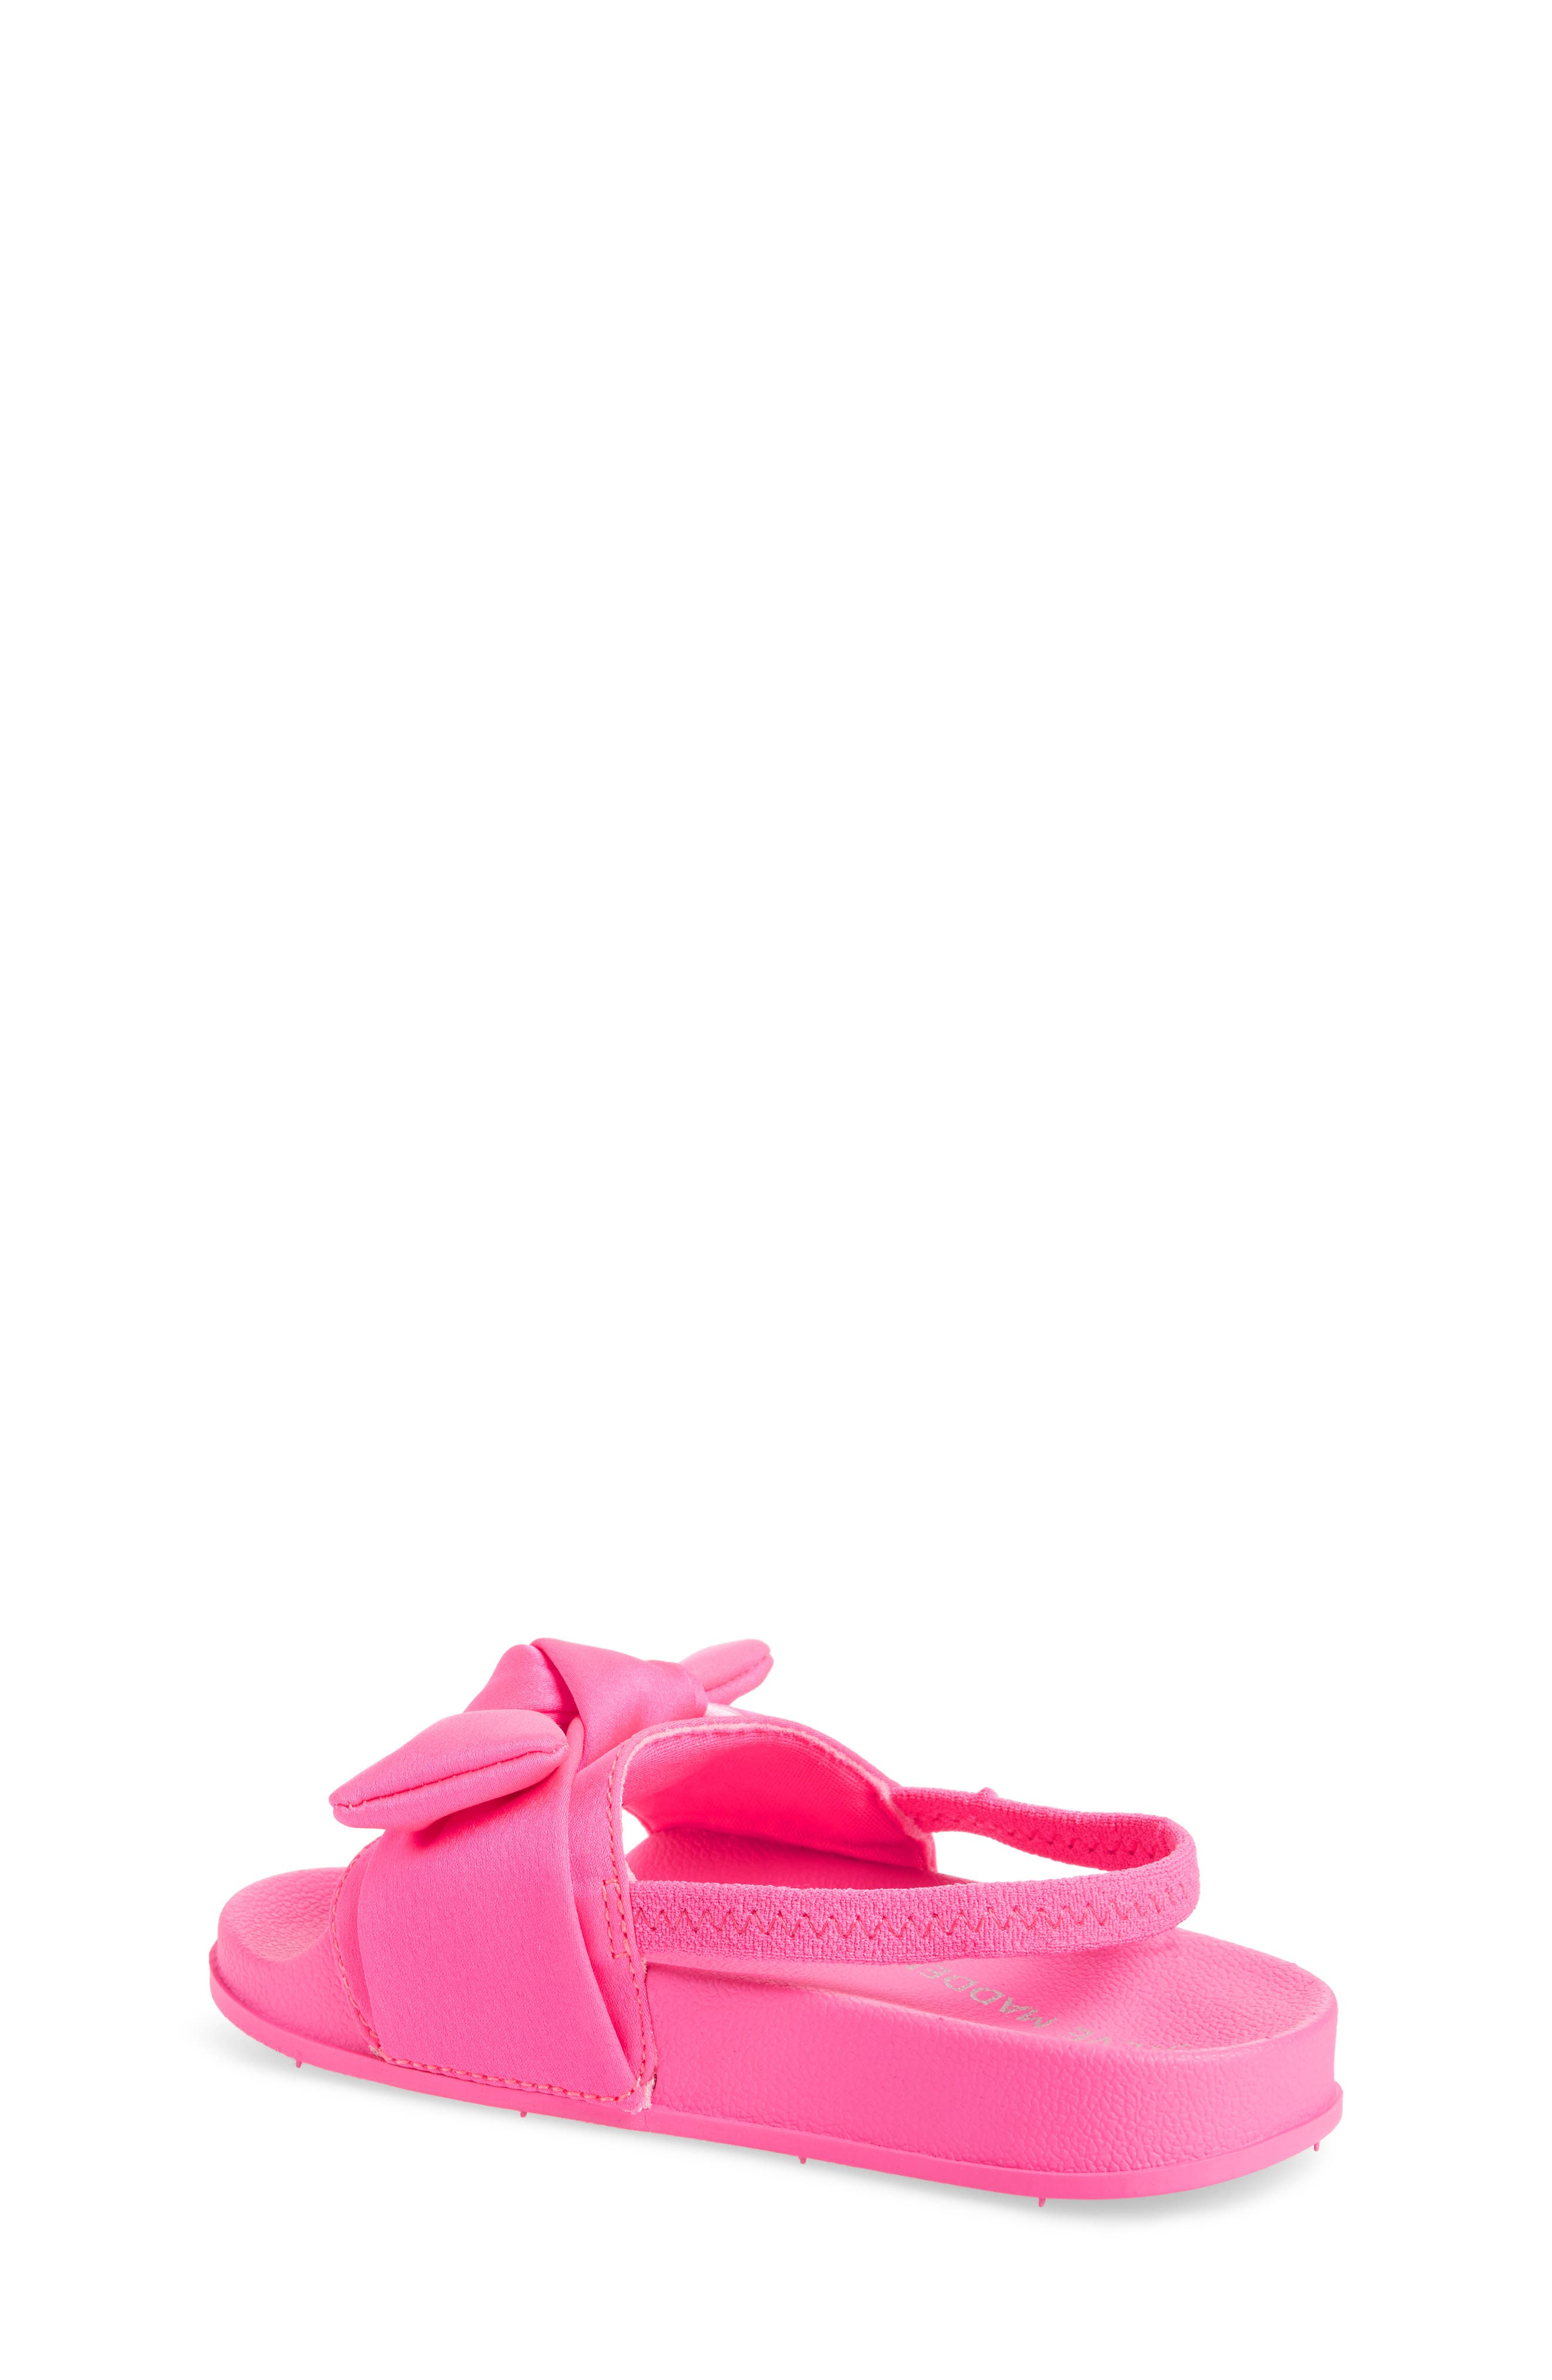 Tsilky Knotted Slide Sandal,                             Alternate thumbnail 9, color,